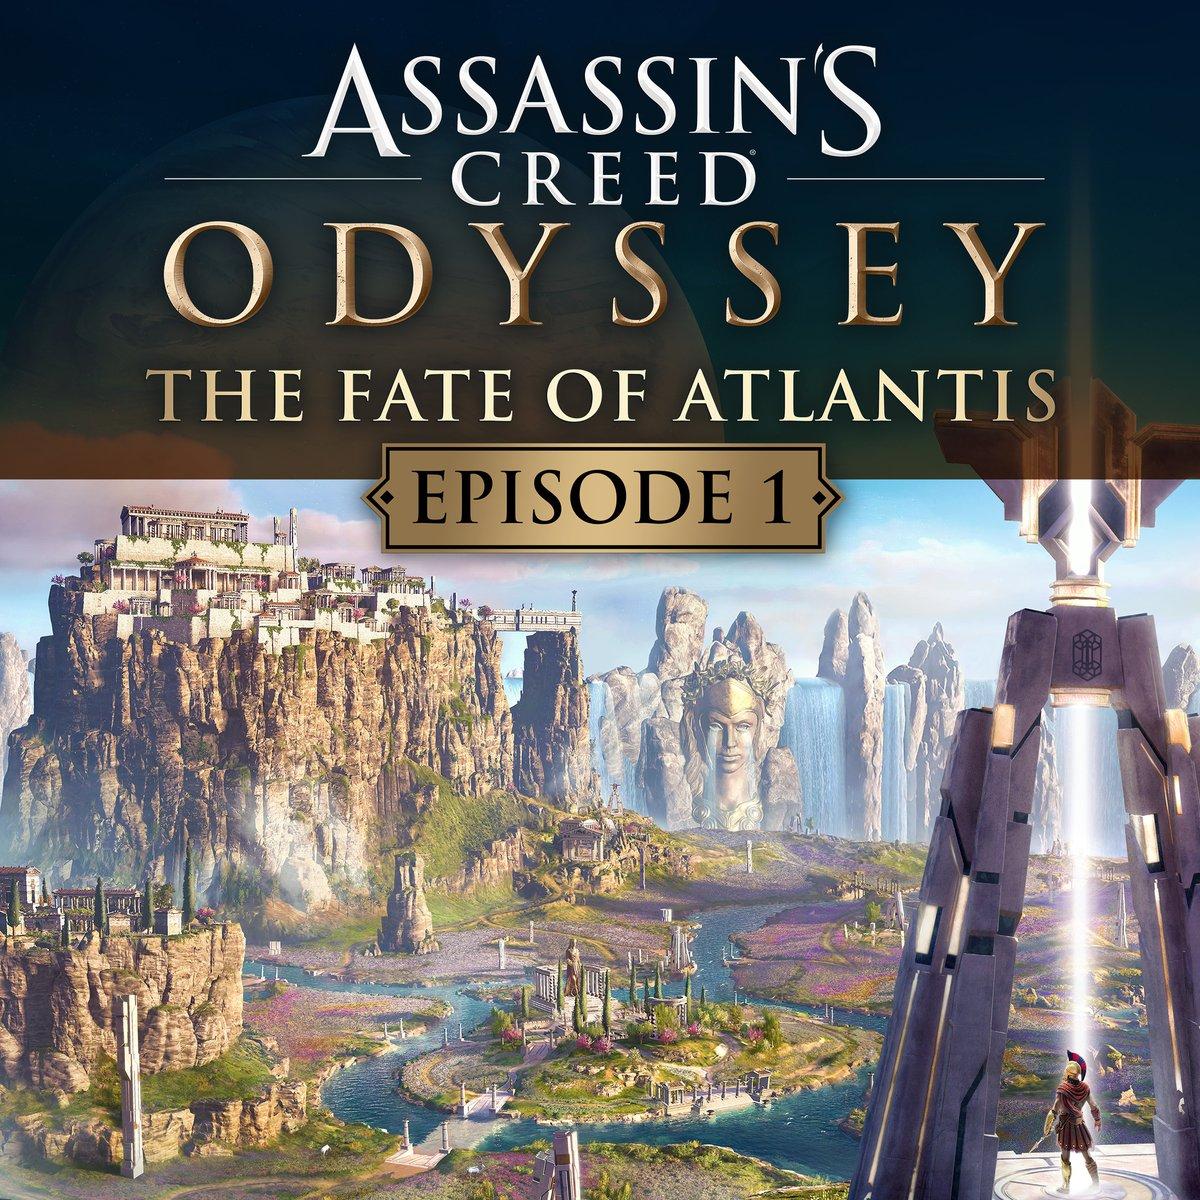 DLC Assassin's Creed Odyssey – Le sort de l'Atlantide Épisode 1 Gratuit sur PS4/Xbox One et PC